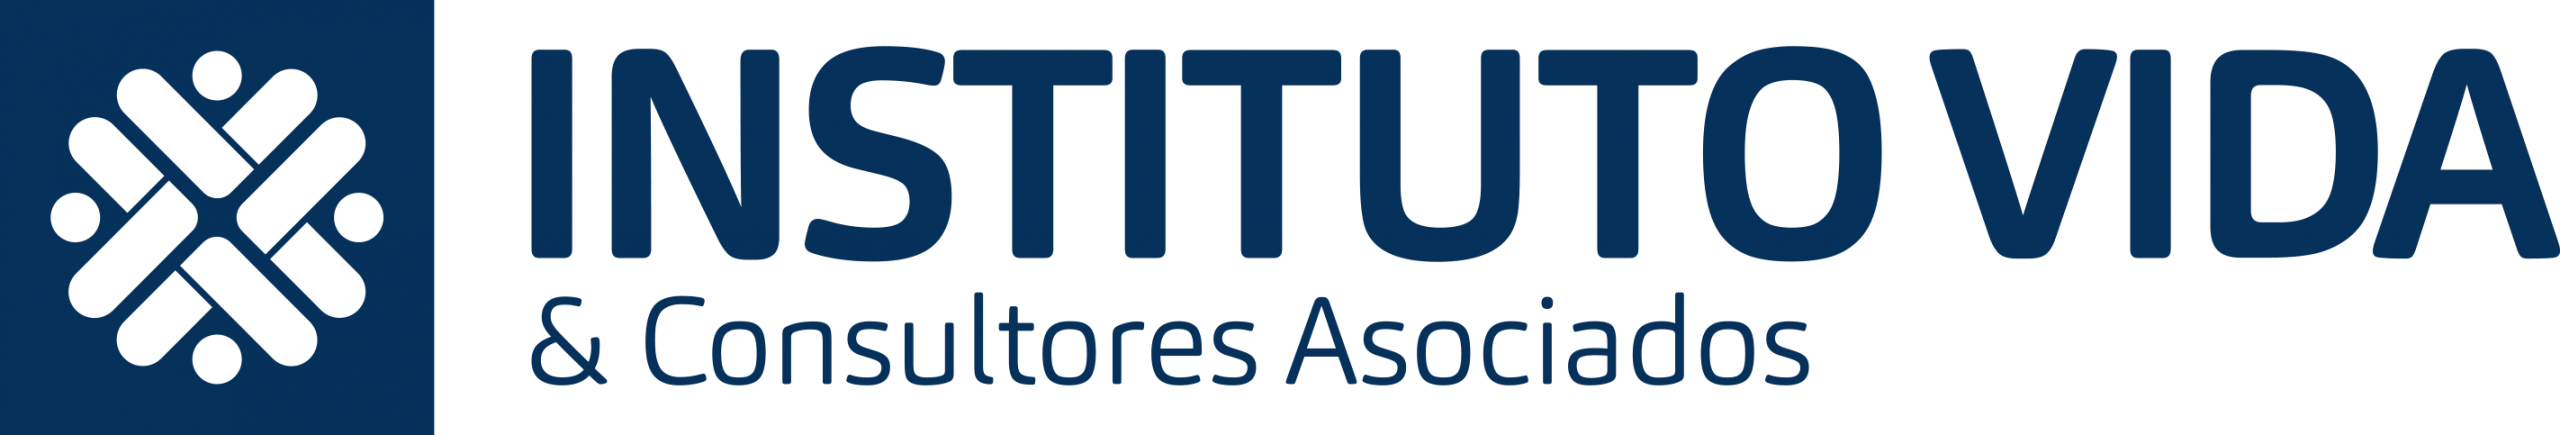 Instituto Vida & Consultores Asociados | Argentina